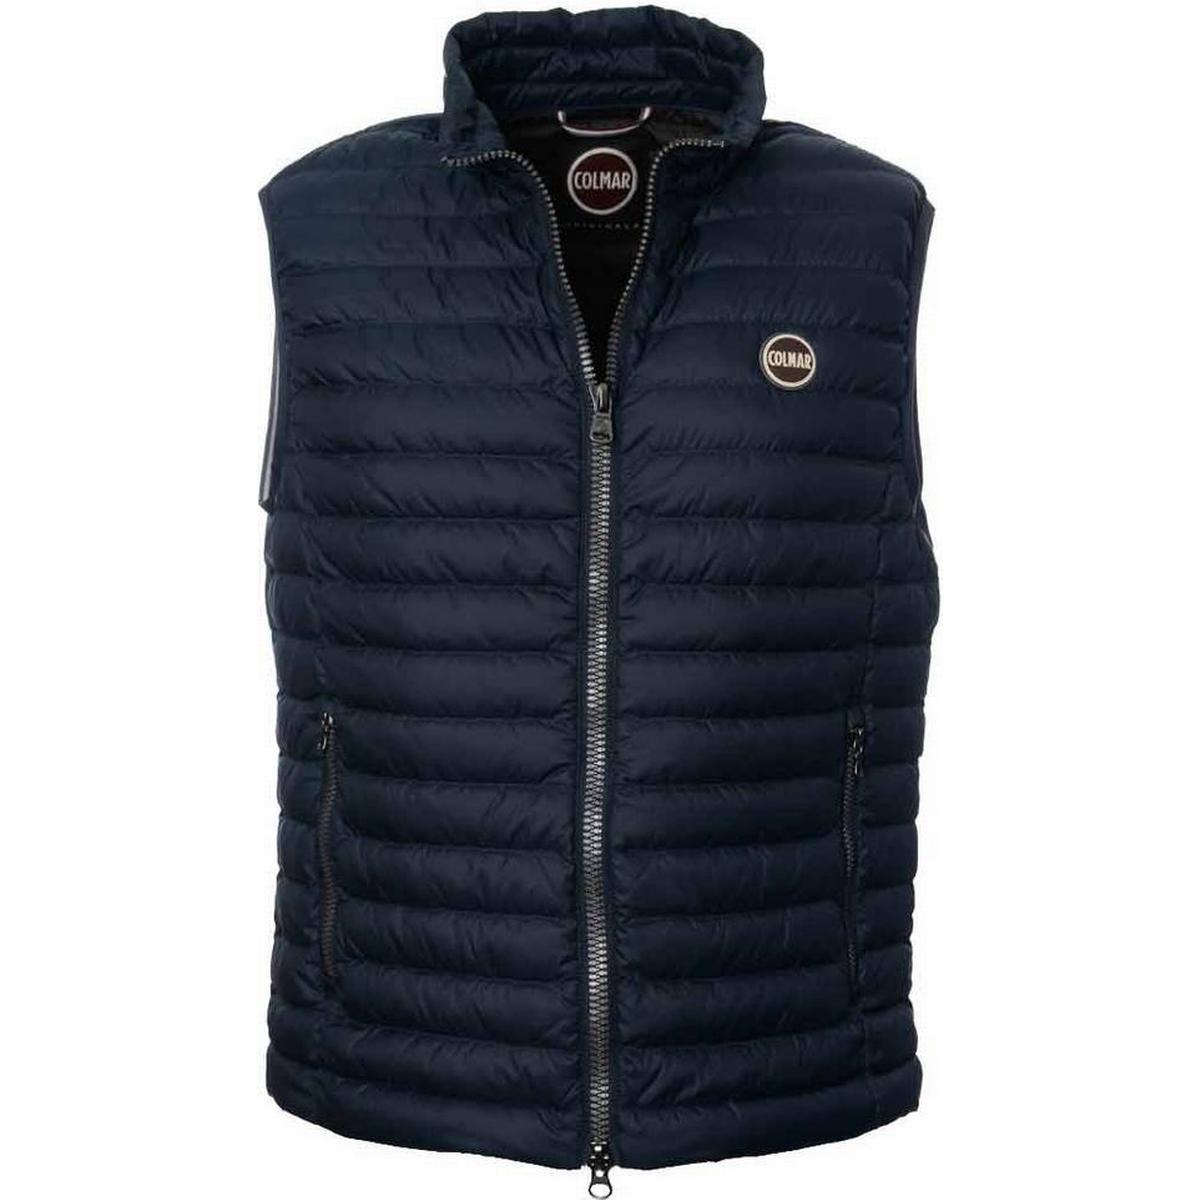 9f4b1af65b5d Colmar Herrkläder - Jämför priser på PriceRunner